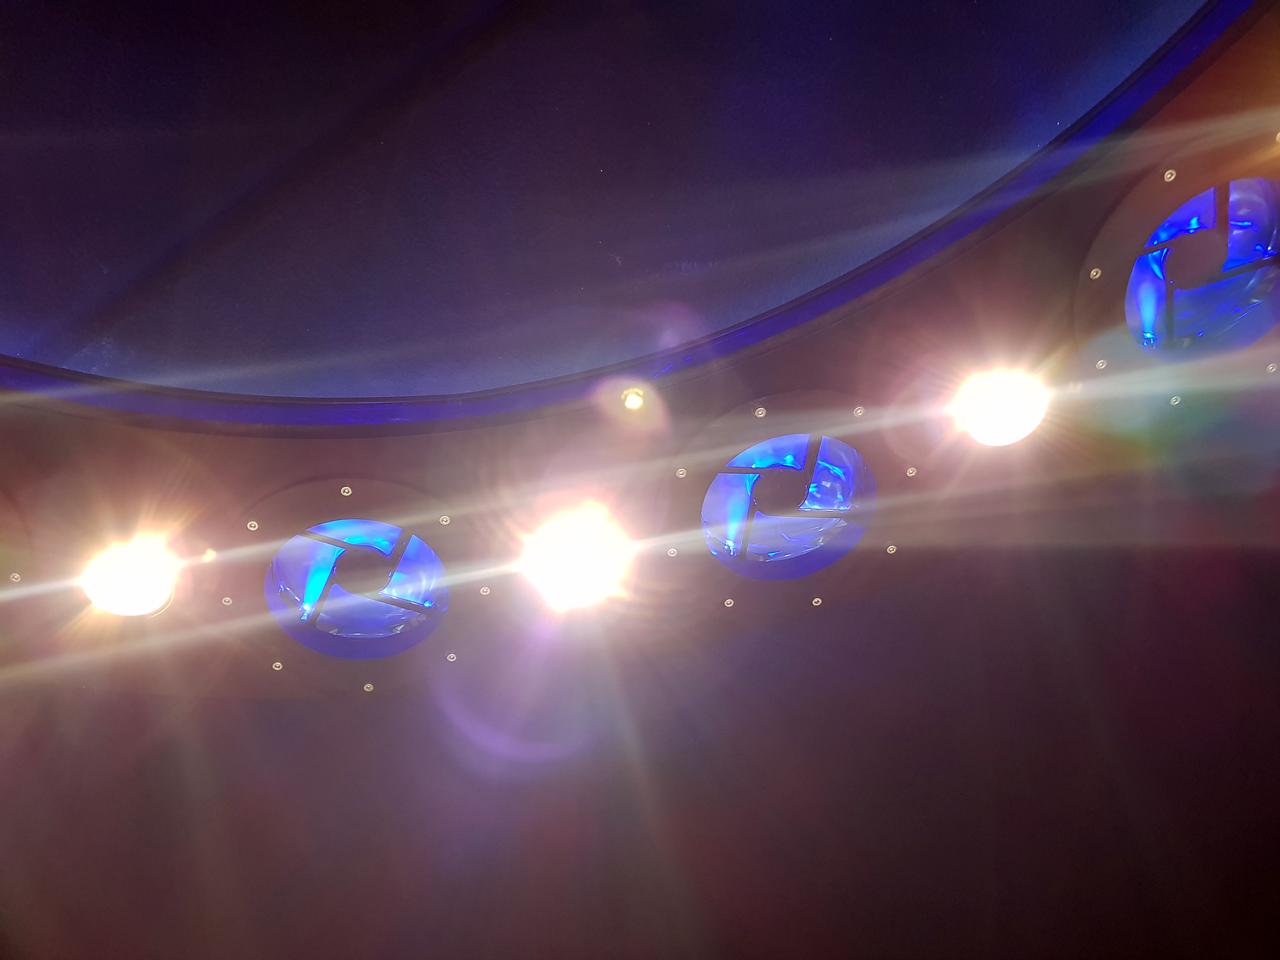 Space_lamp4.jpg